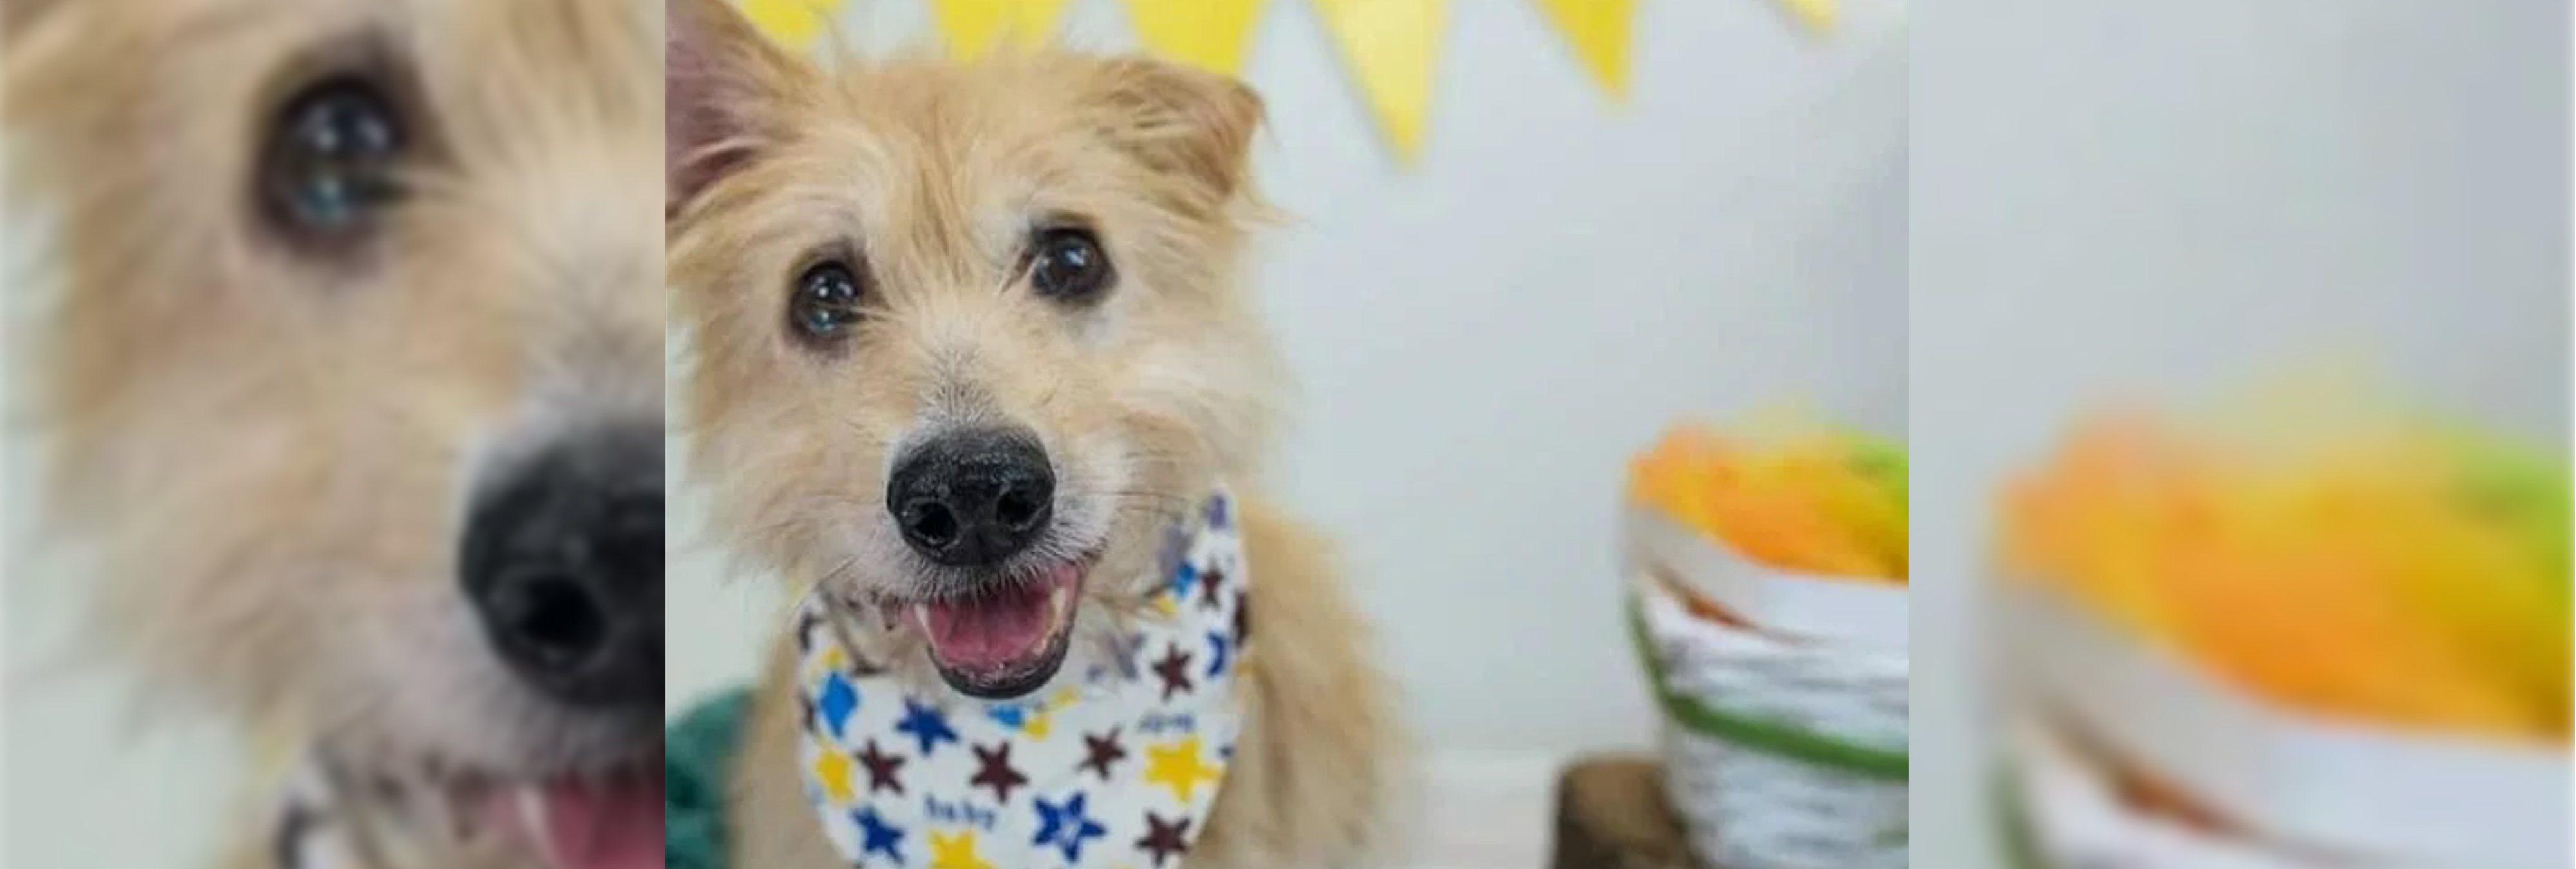 La conmovedora historia de Pincho, el perro esclavizado sexualmente en España durante años